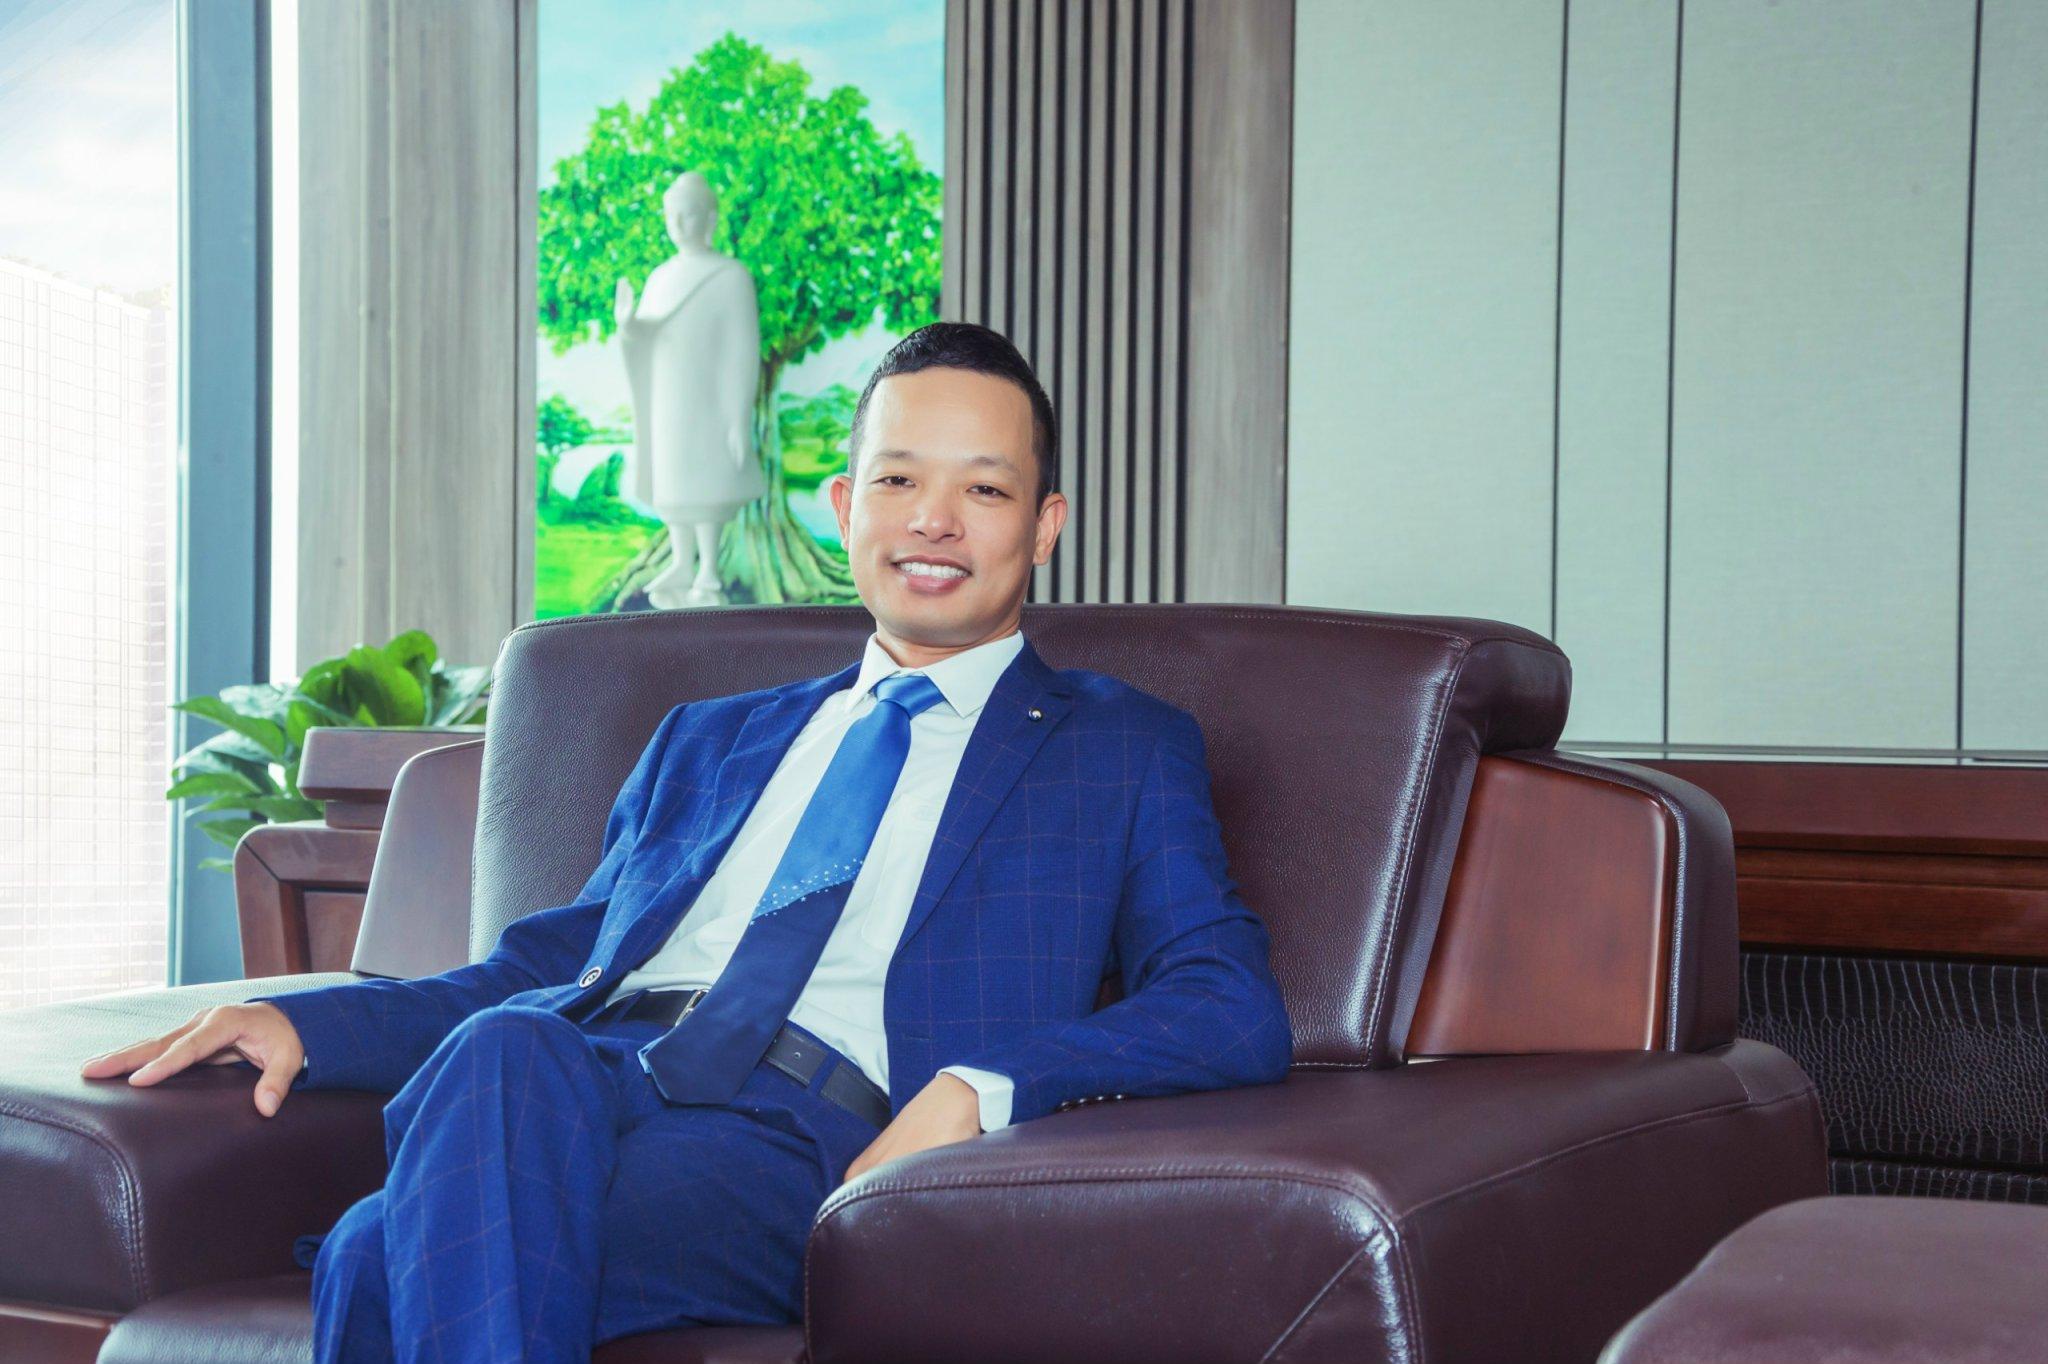 Ông Lê Hồng Phương - Chủ tịch HĐQT Kienlongbank nhiệm kỳ 2018 - 2022